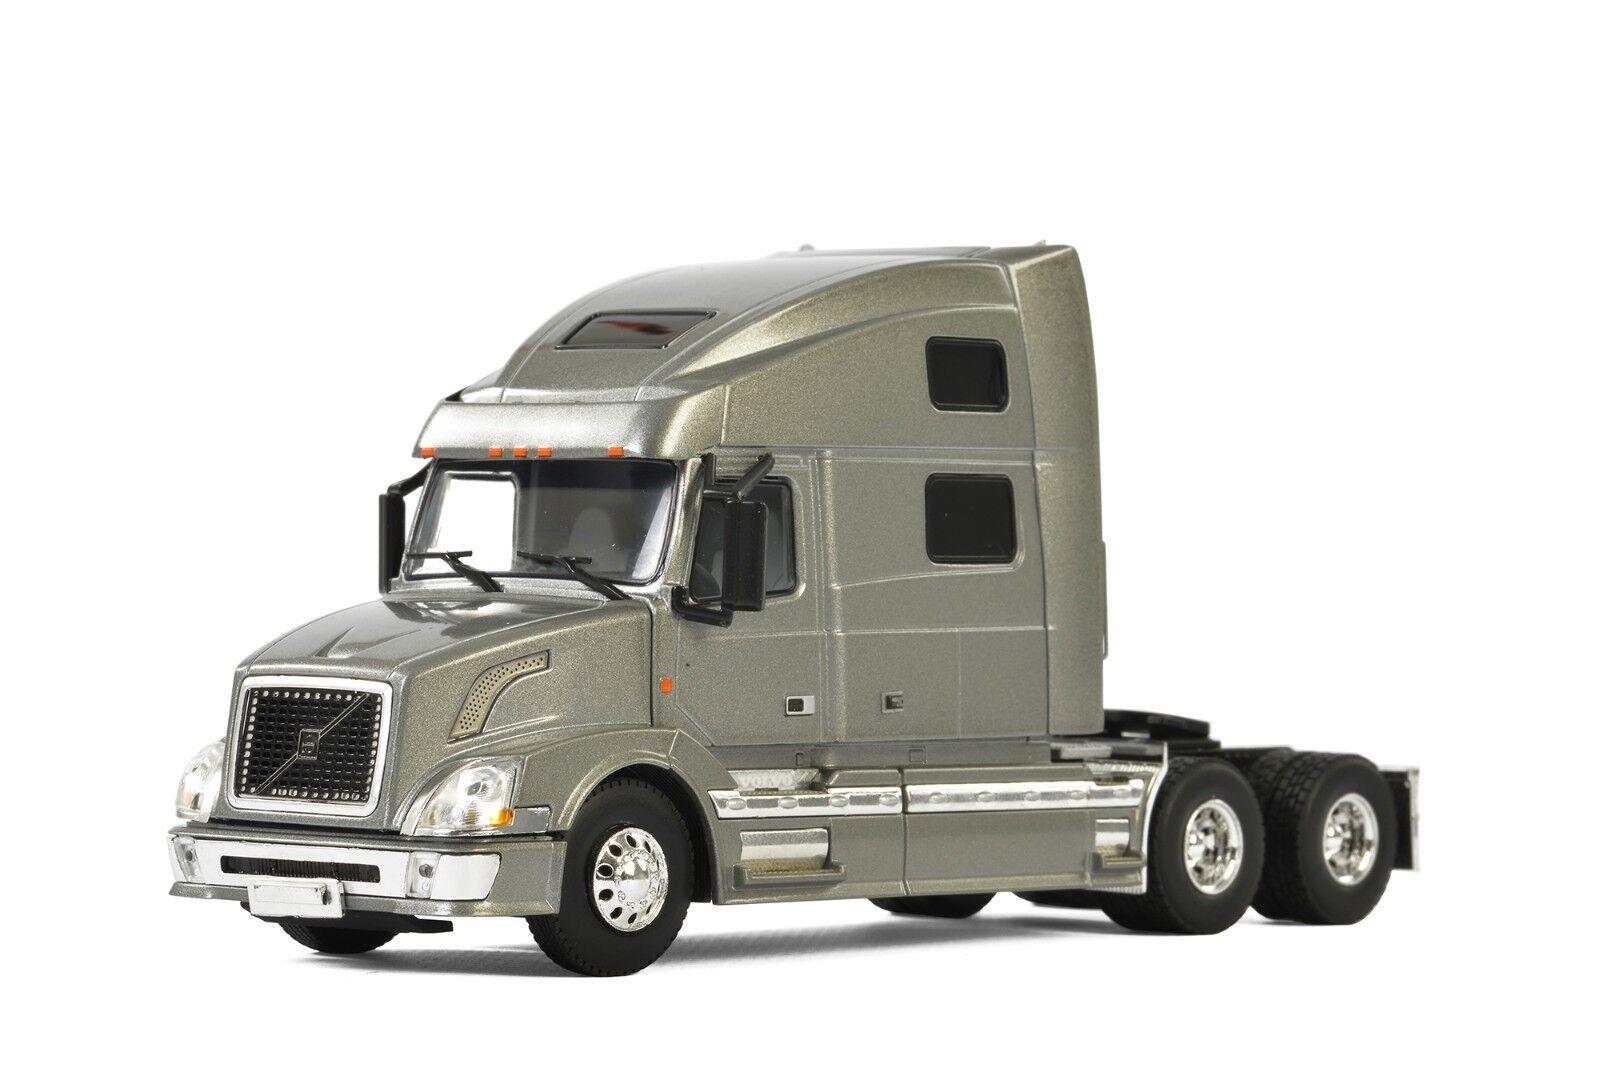 tienda en linea Nuevo WSI 33-2030-03 Volvo VN780 3-Axle Tractor Tractor Tractor con Sleeper-Plata 1 50 Menta en caja  estar en gran demanda